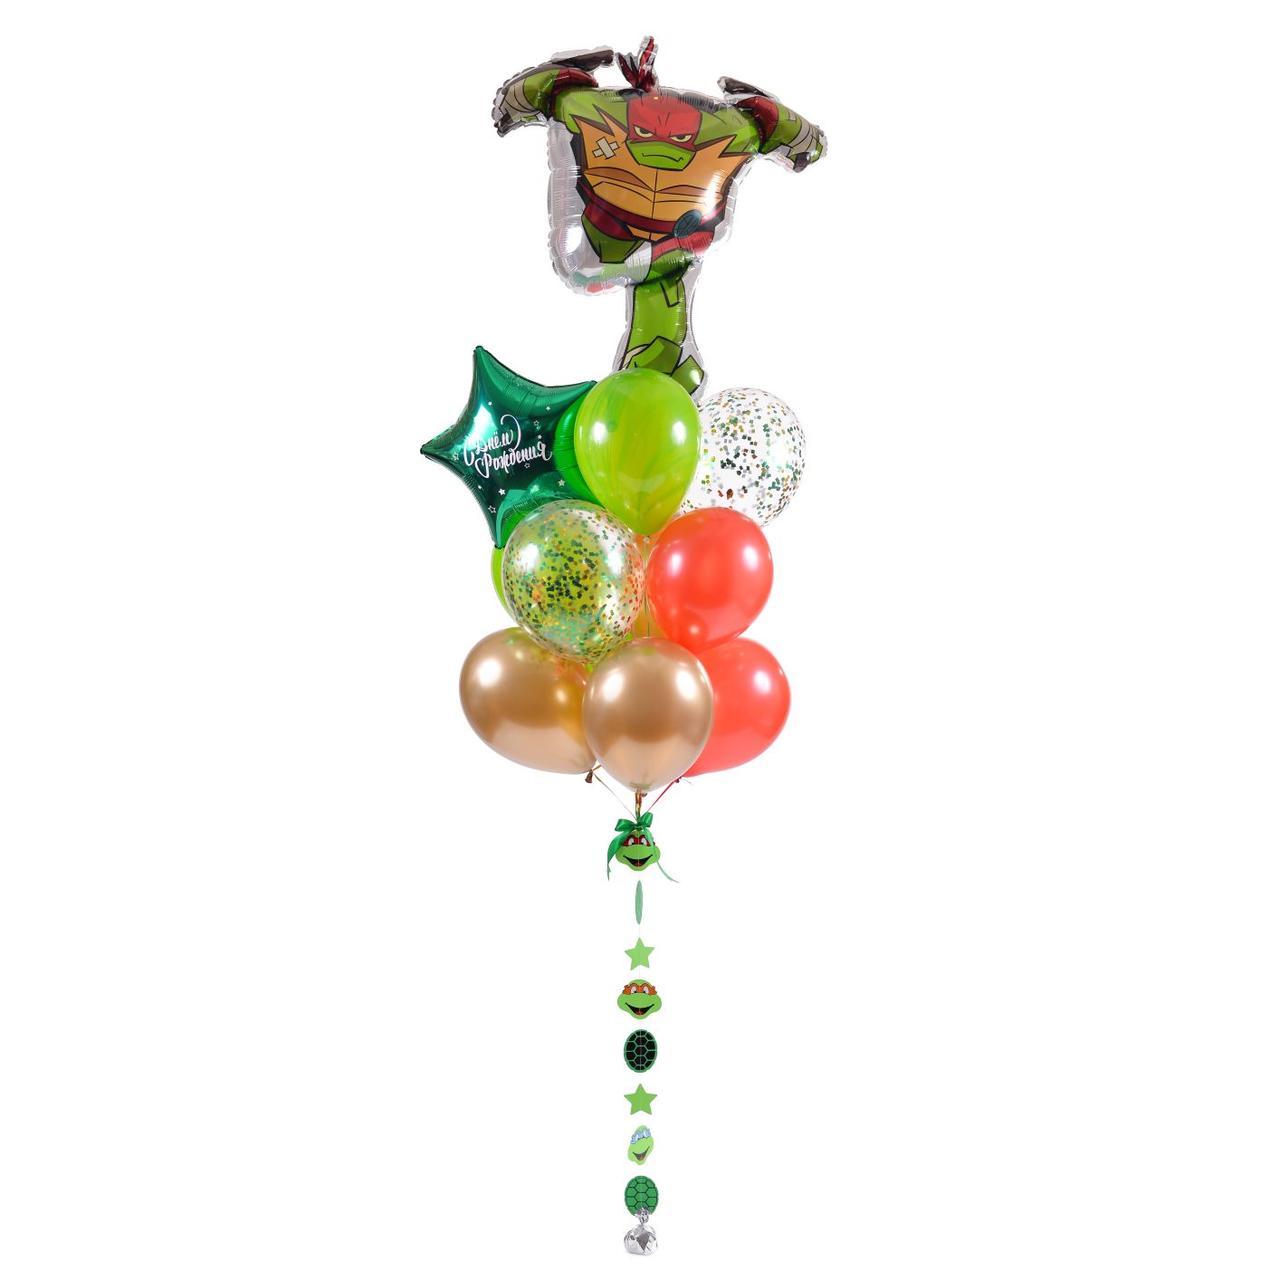 Связка: Черепашка-ниндзя Рафаэль, звезда С Днем рождения ...